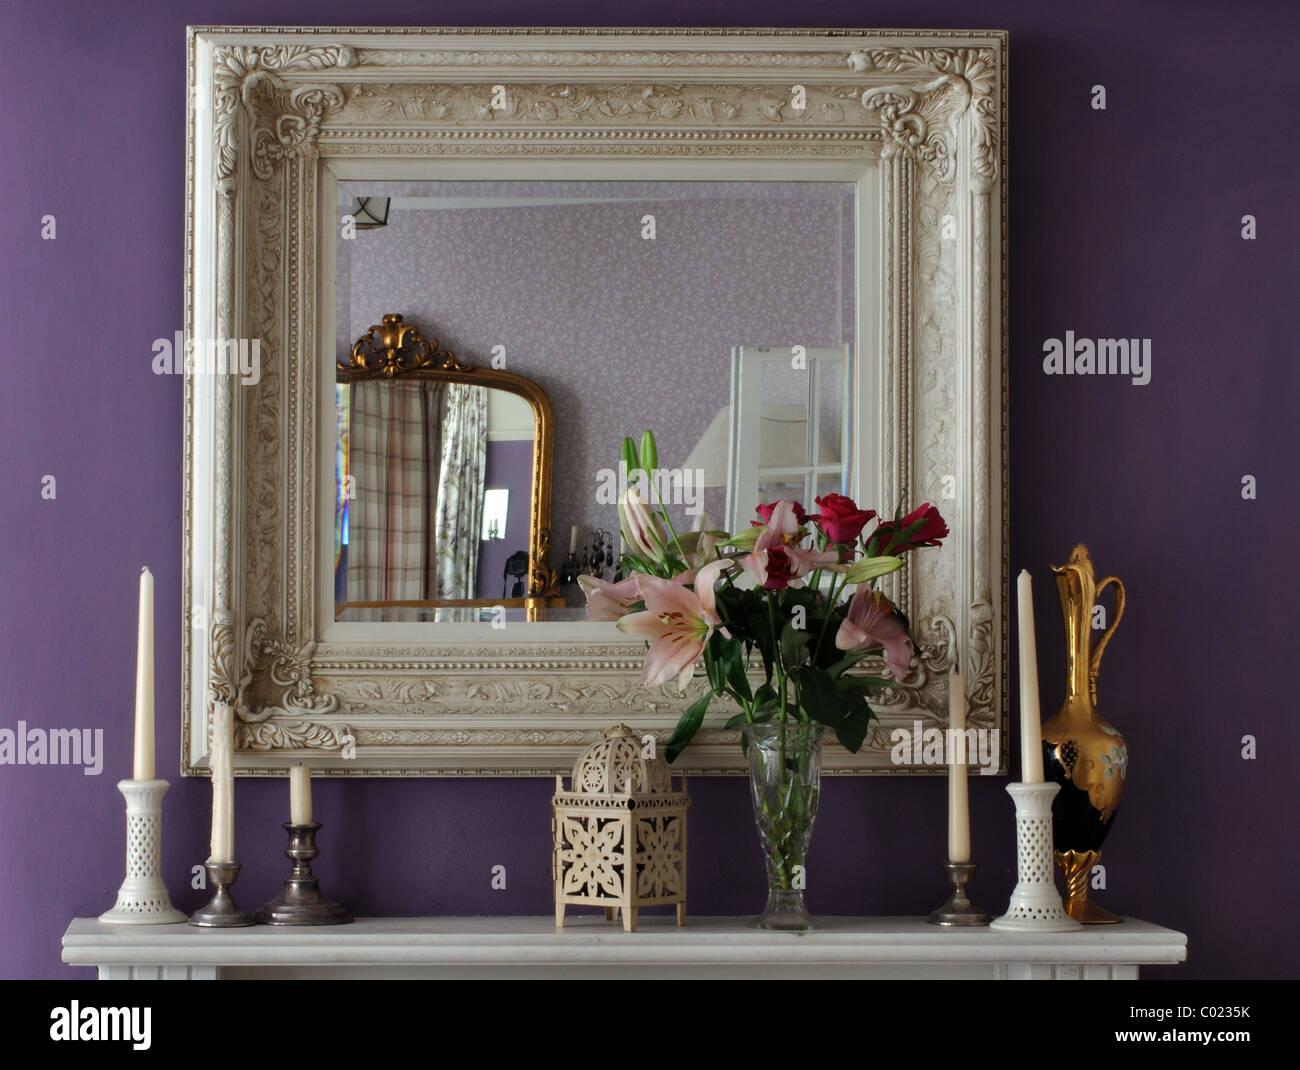 Miroirs, regency, intérieur, décoration Photo Stock